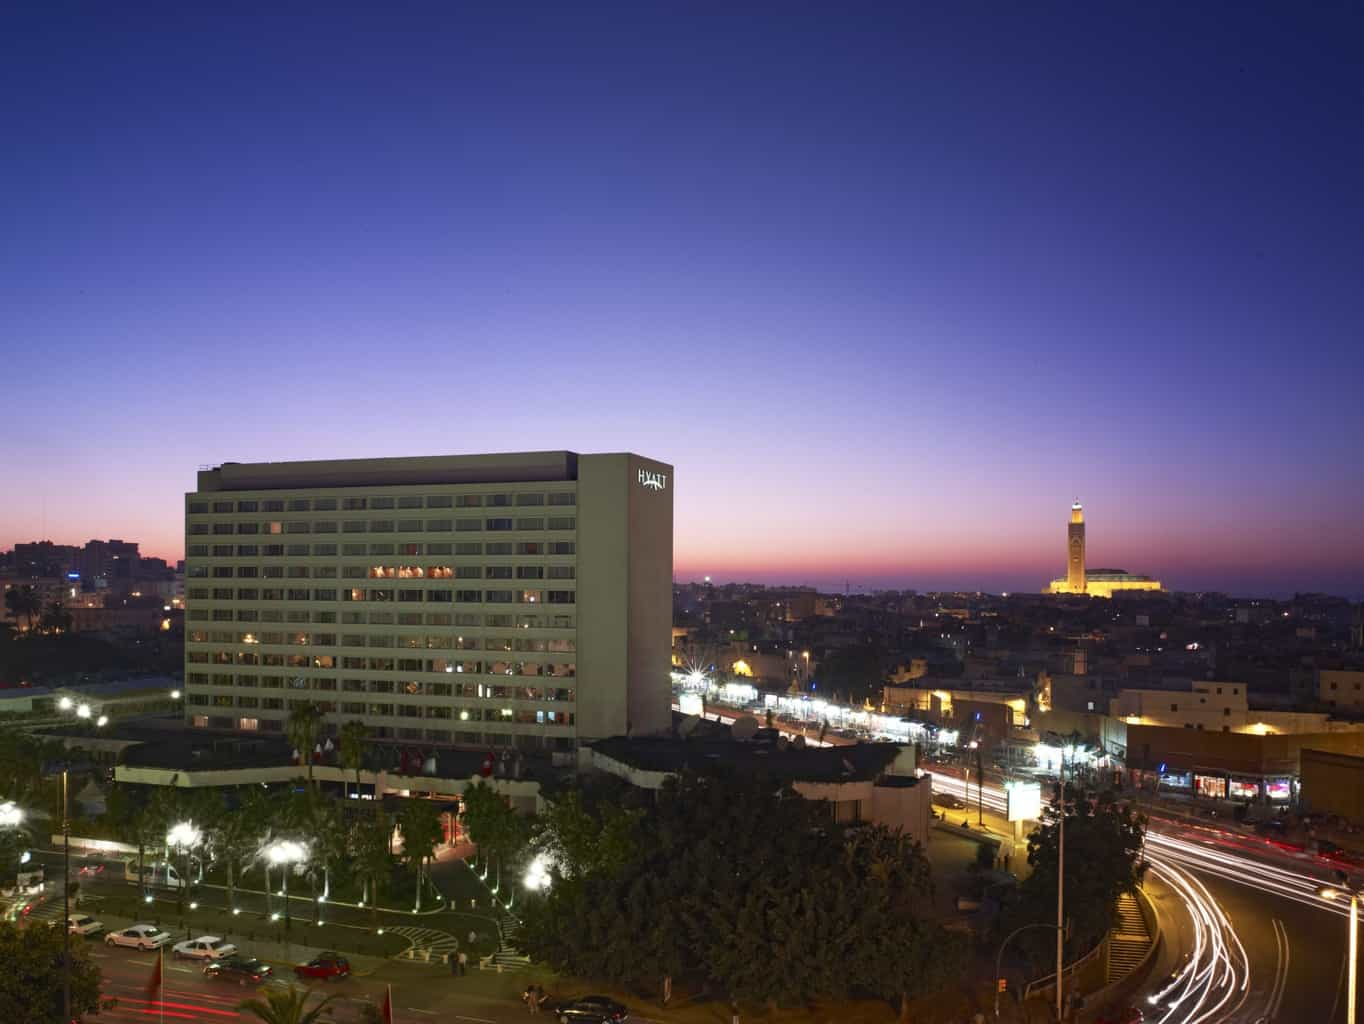 O-Hyatt-Regency-Casablanca-está-instalado-no-centro-da-cidade-proporcionando-vistas-para-ícones-como-a-Mesquita-Hassan-II-e-a-United-Nations-Square.